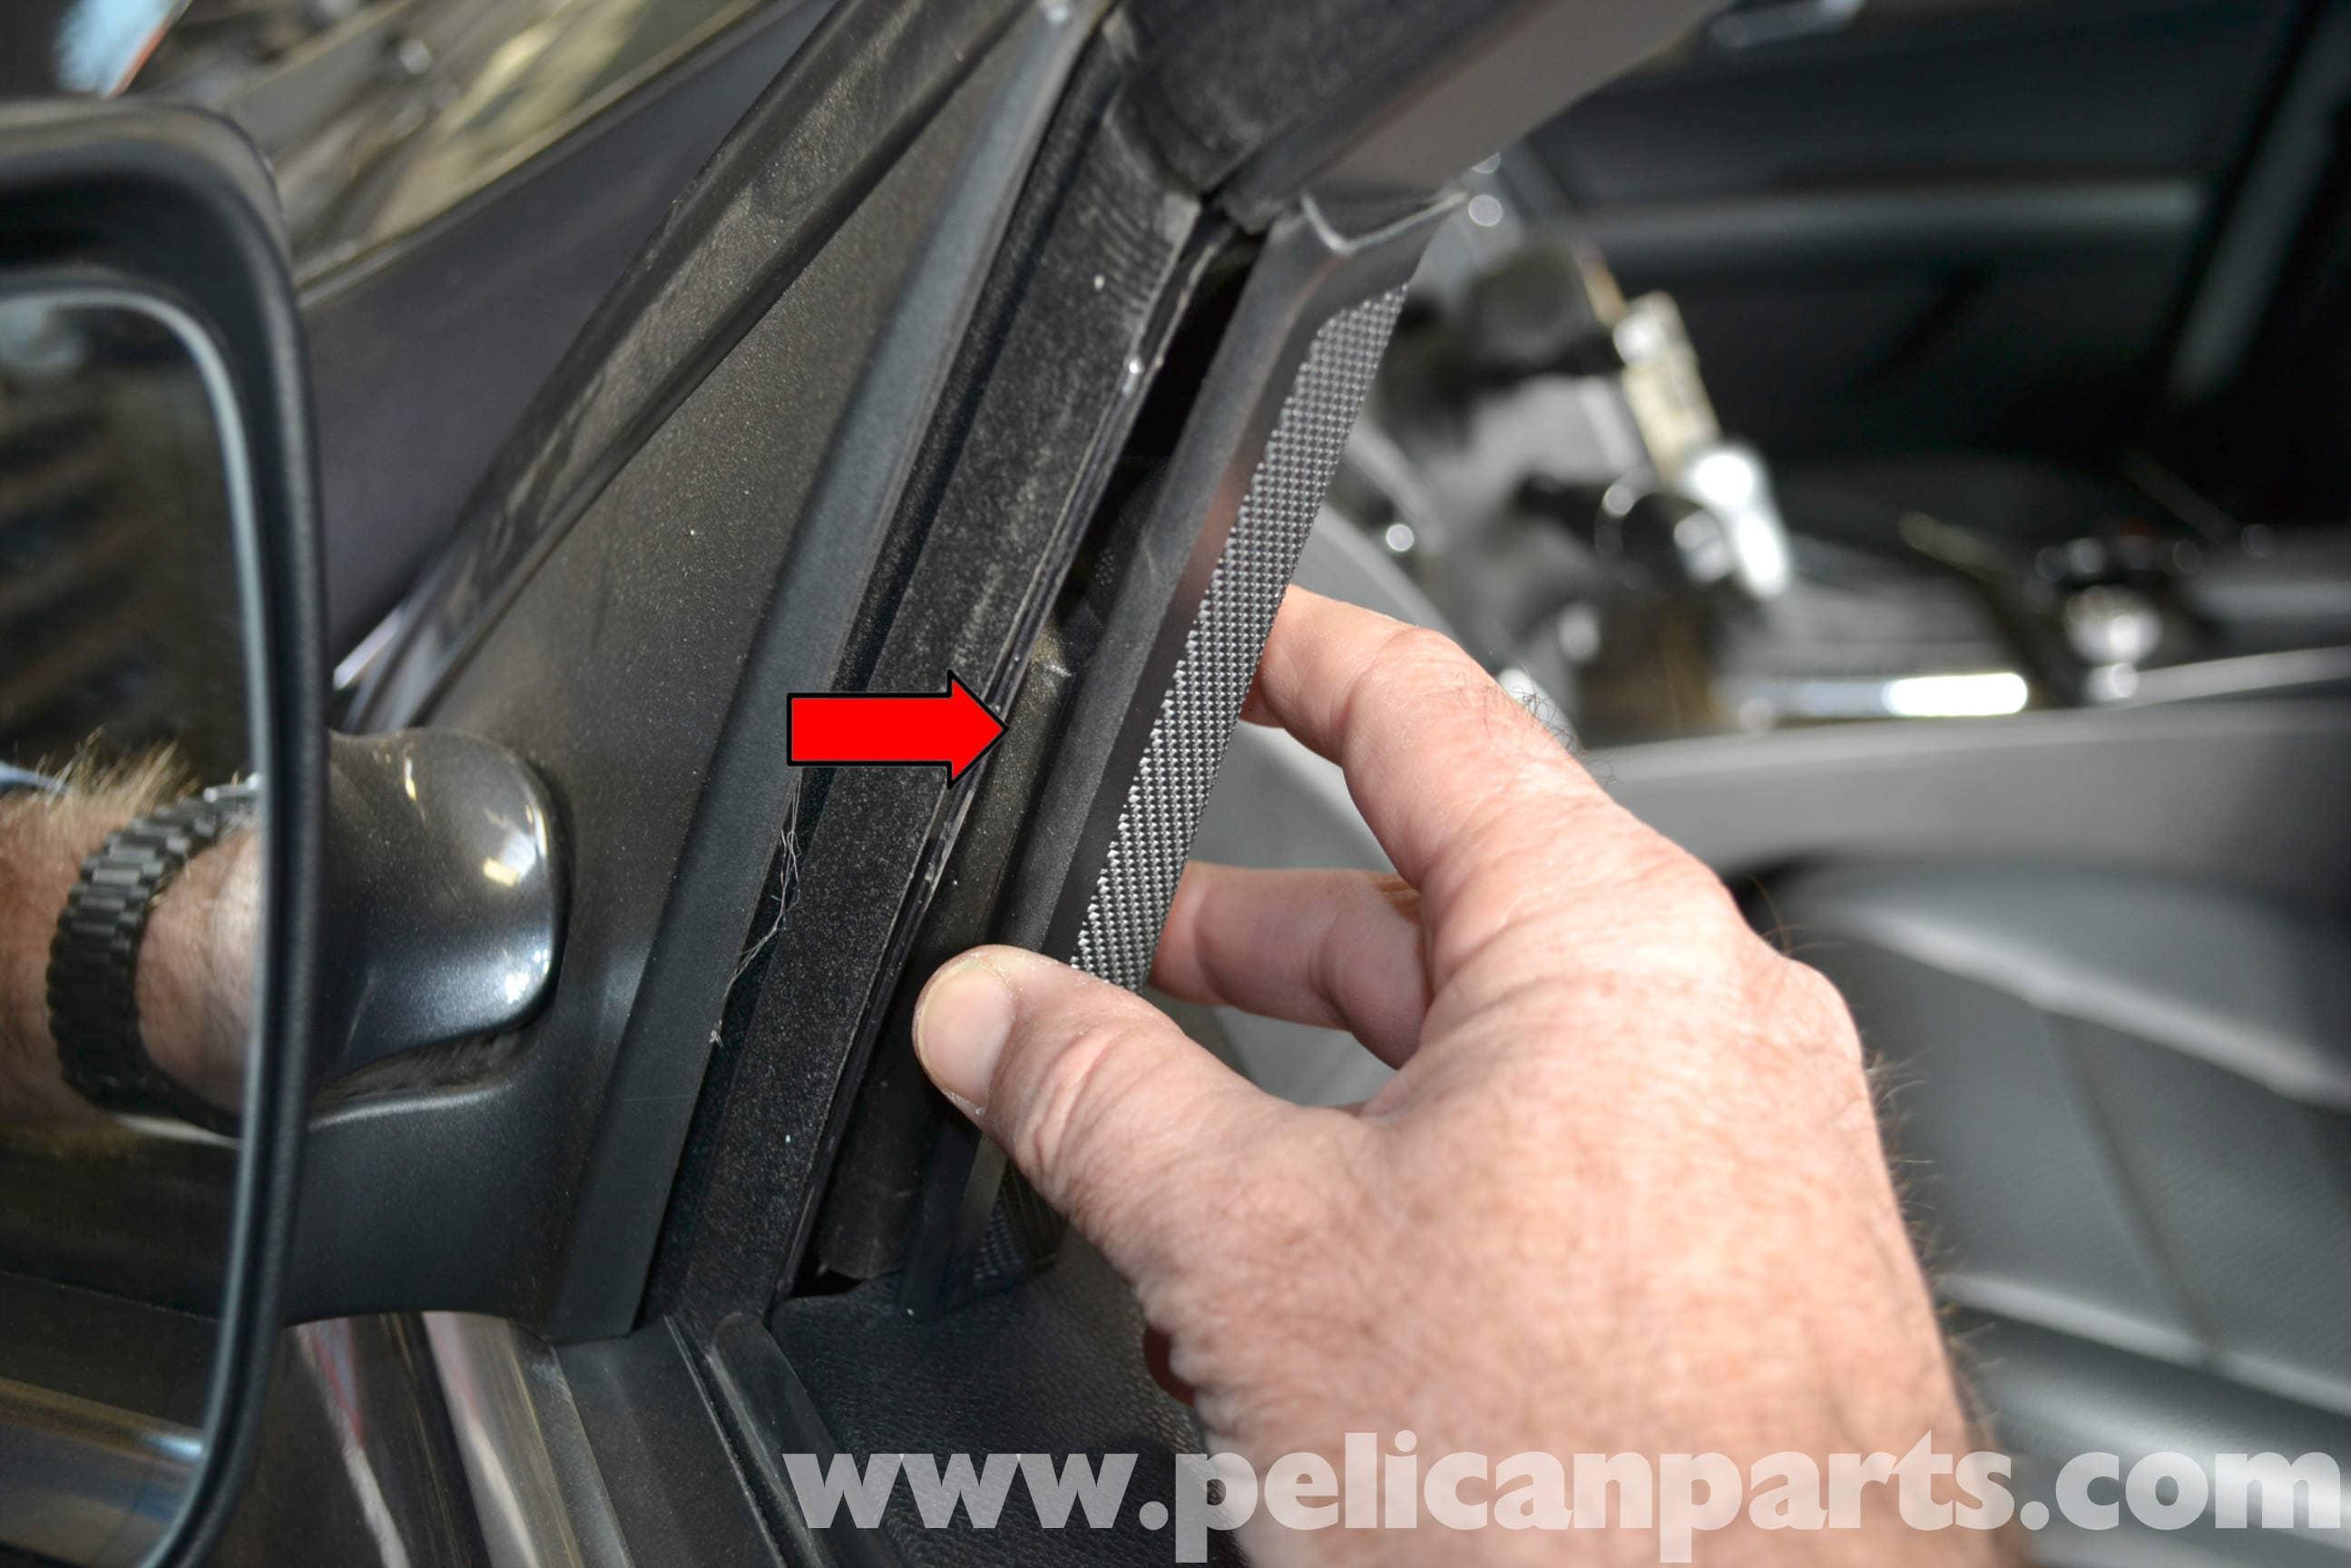 Mercedes Benz W204 Front Door Panel Removal 2008 2014